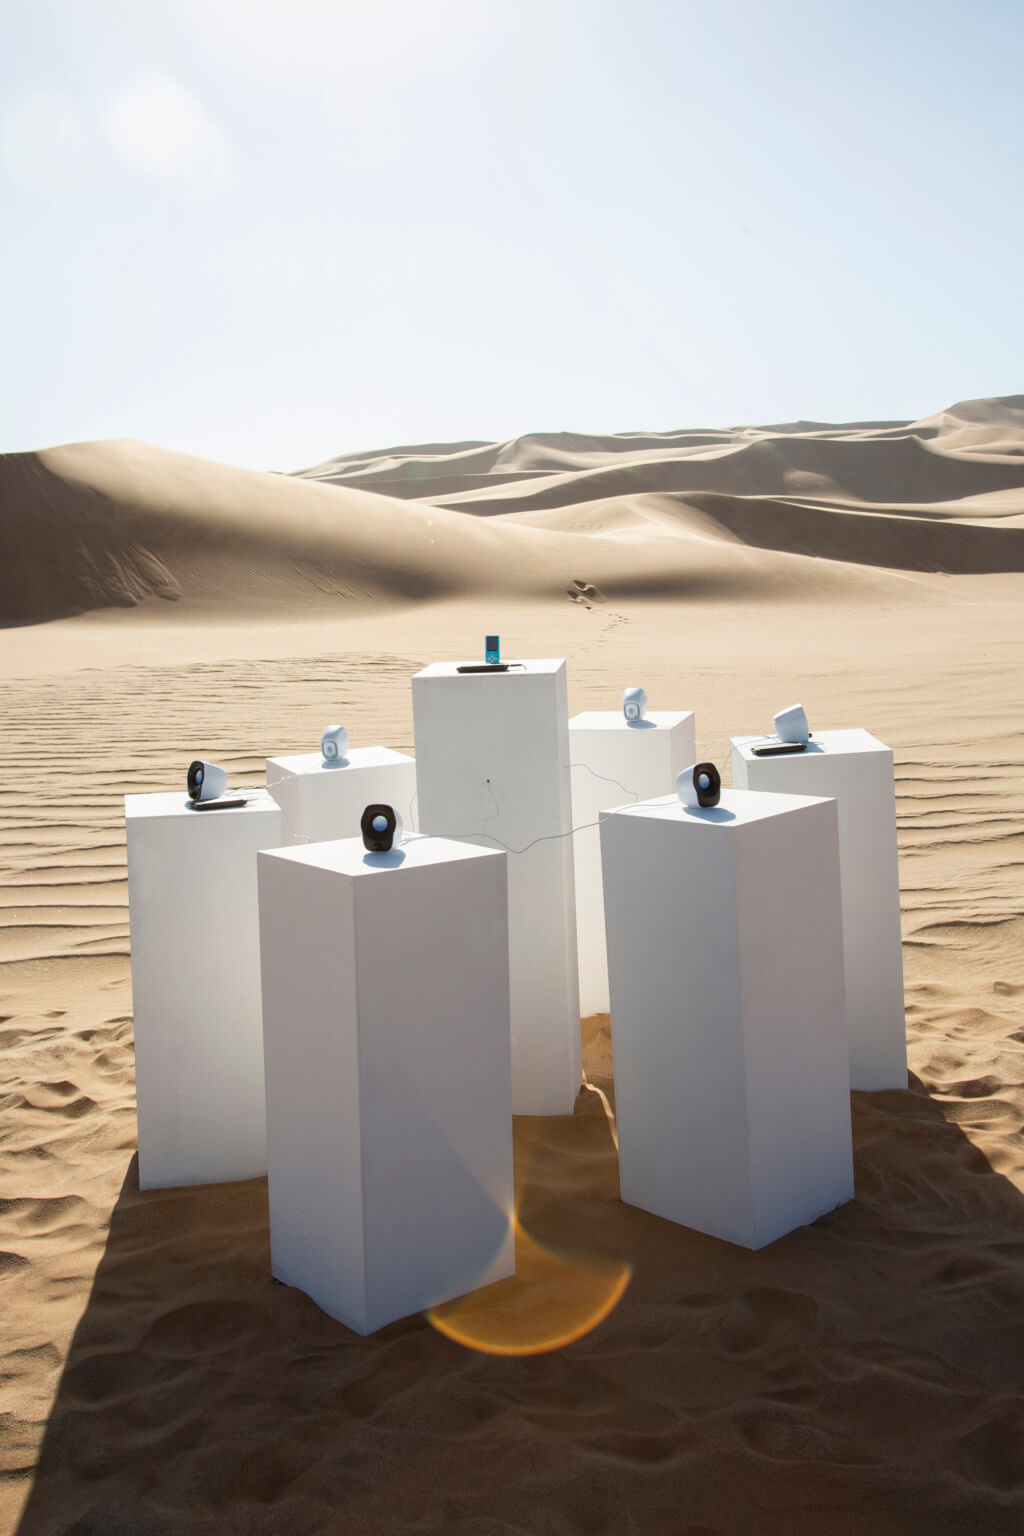 Instalación de Max Siedentopf que busca reproducir África de Toto infinitamente